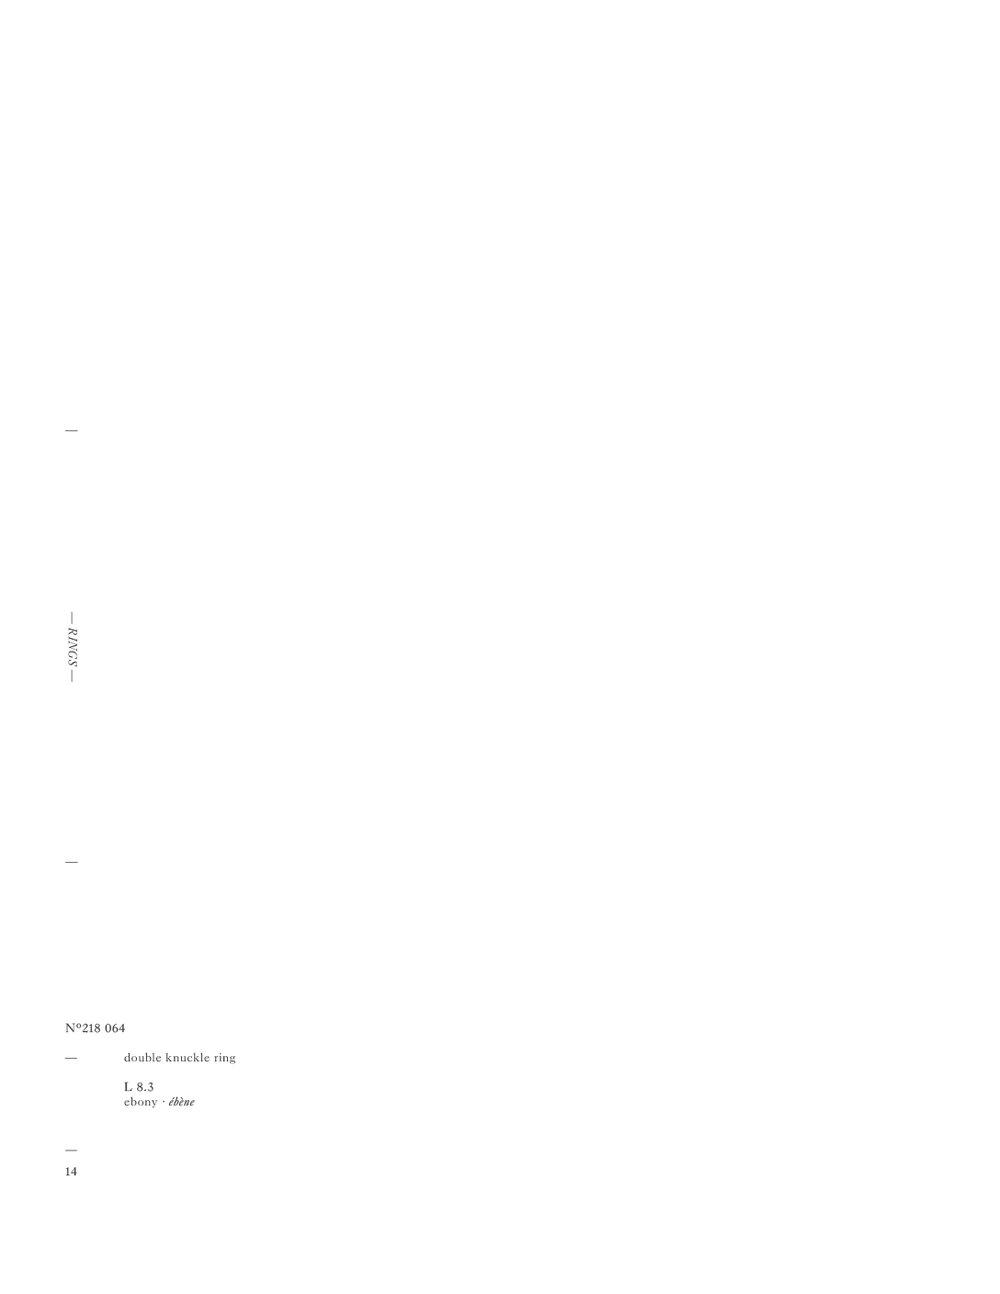 RAW - Statement IV_Embodies_JAN-18_lite-14.jpg